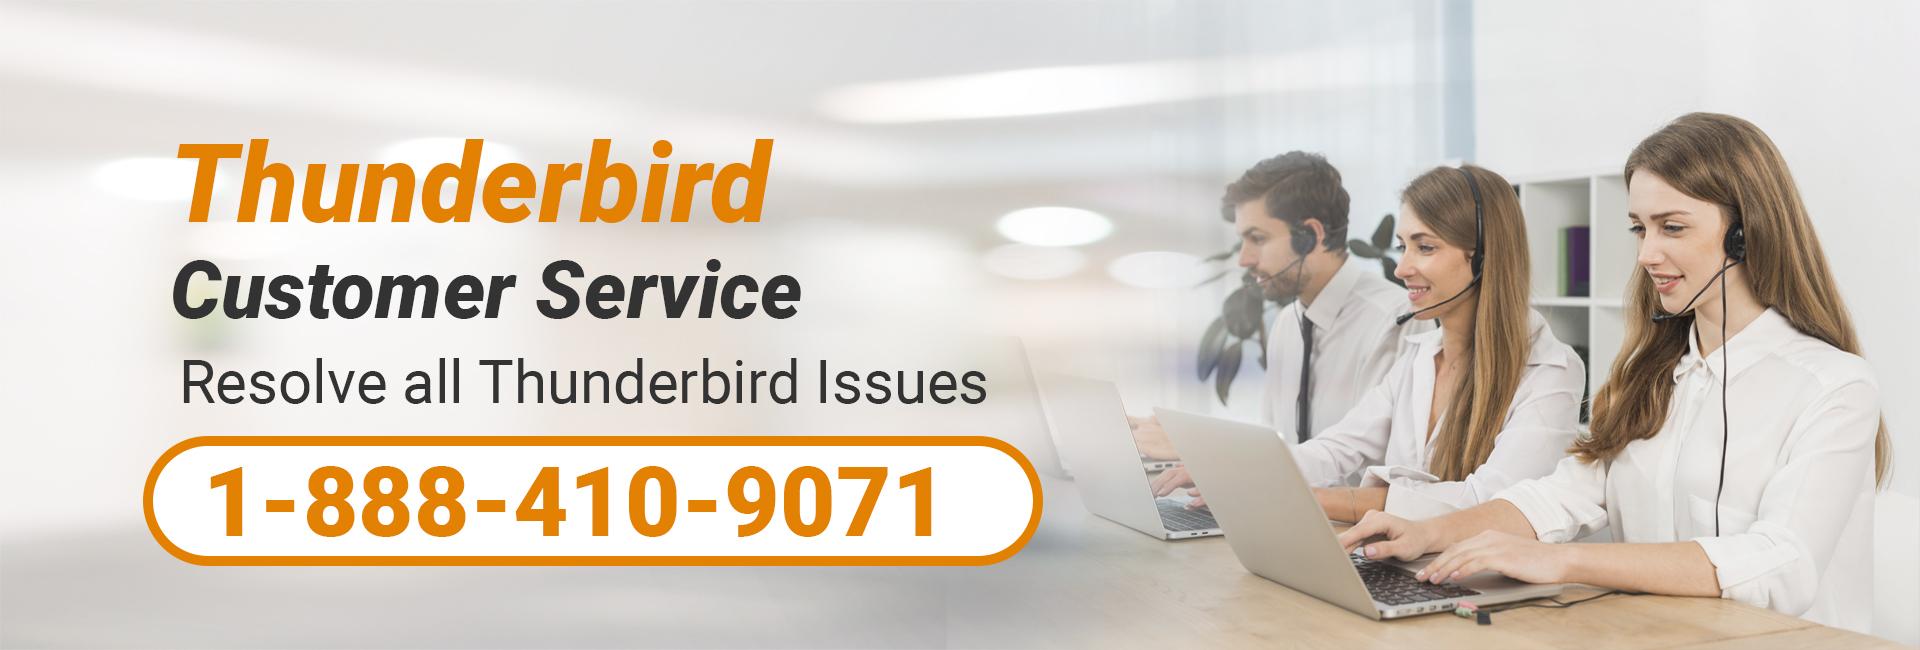 Thunderbird Customer Service 1-888-410-9071